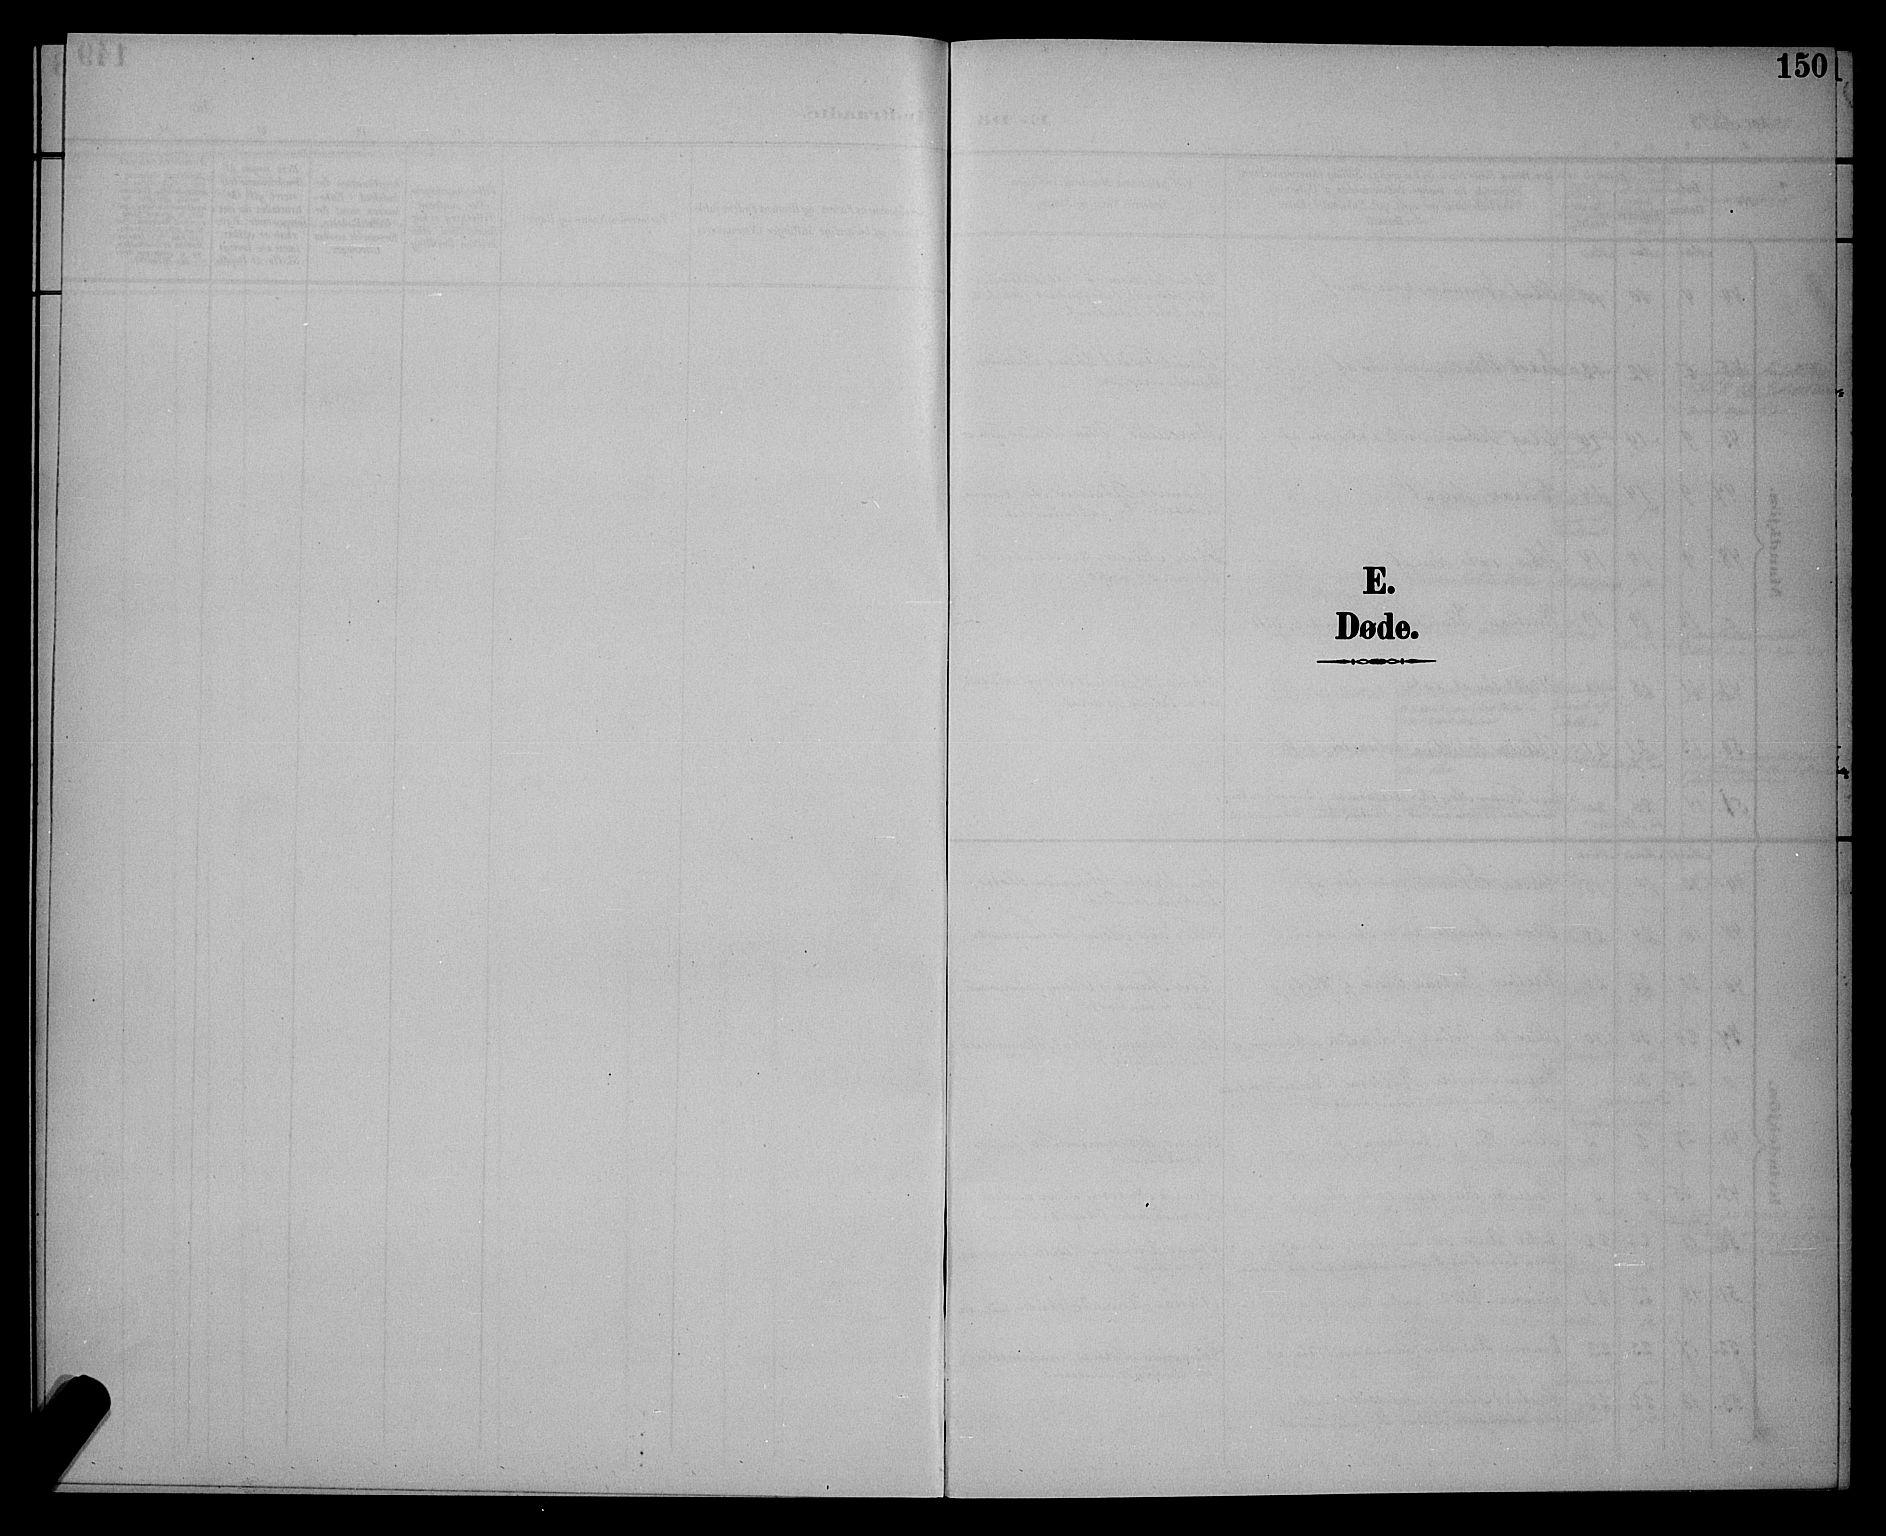 SAT, Ministerialprotokoller, klokkerbøker og fødselsregistre - Sør-Trøndelag, 604/L0226: Klokkerbok nr. 604C09, 1897-1900, s. 150